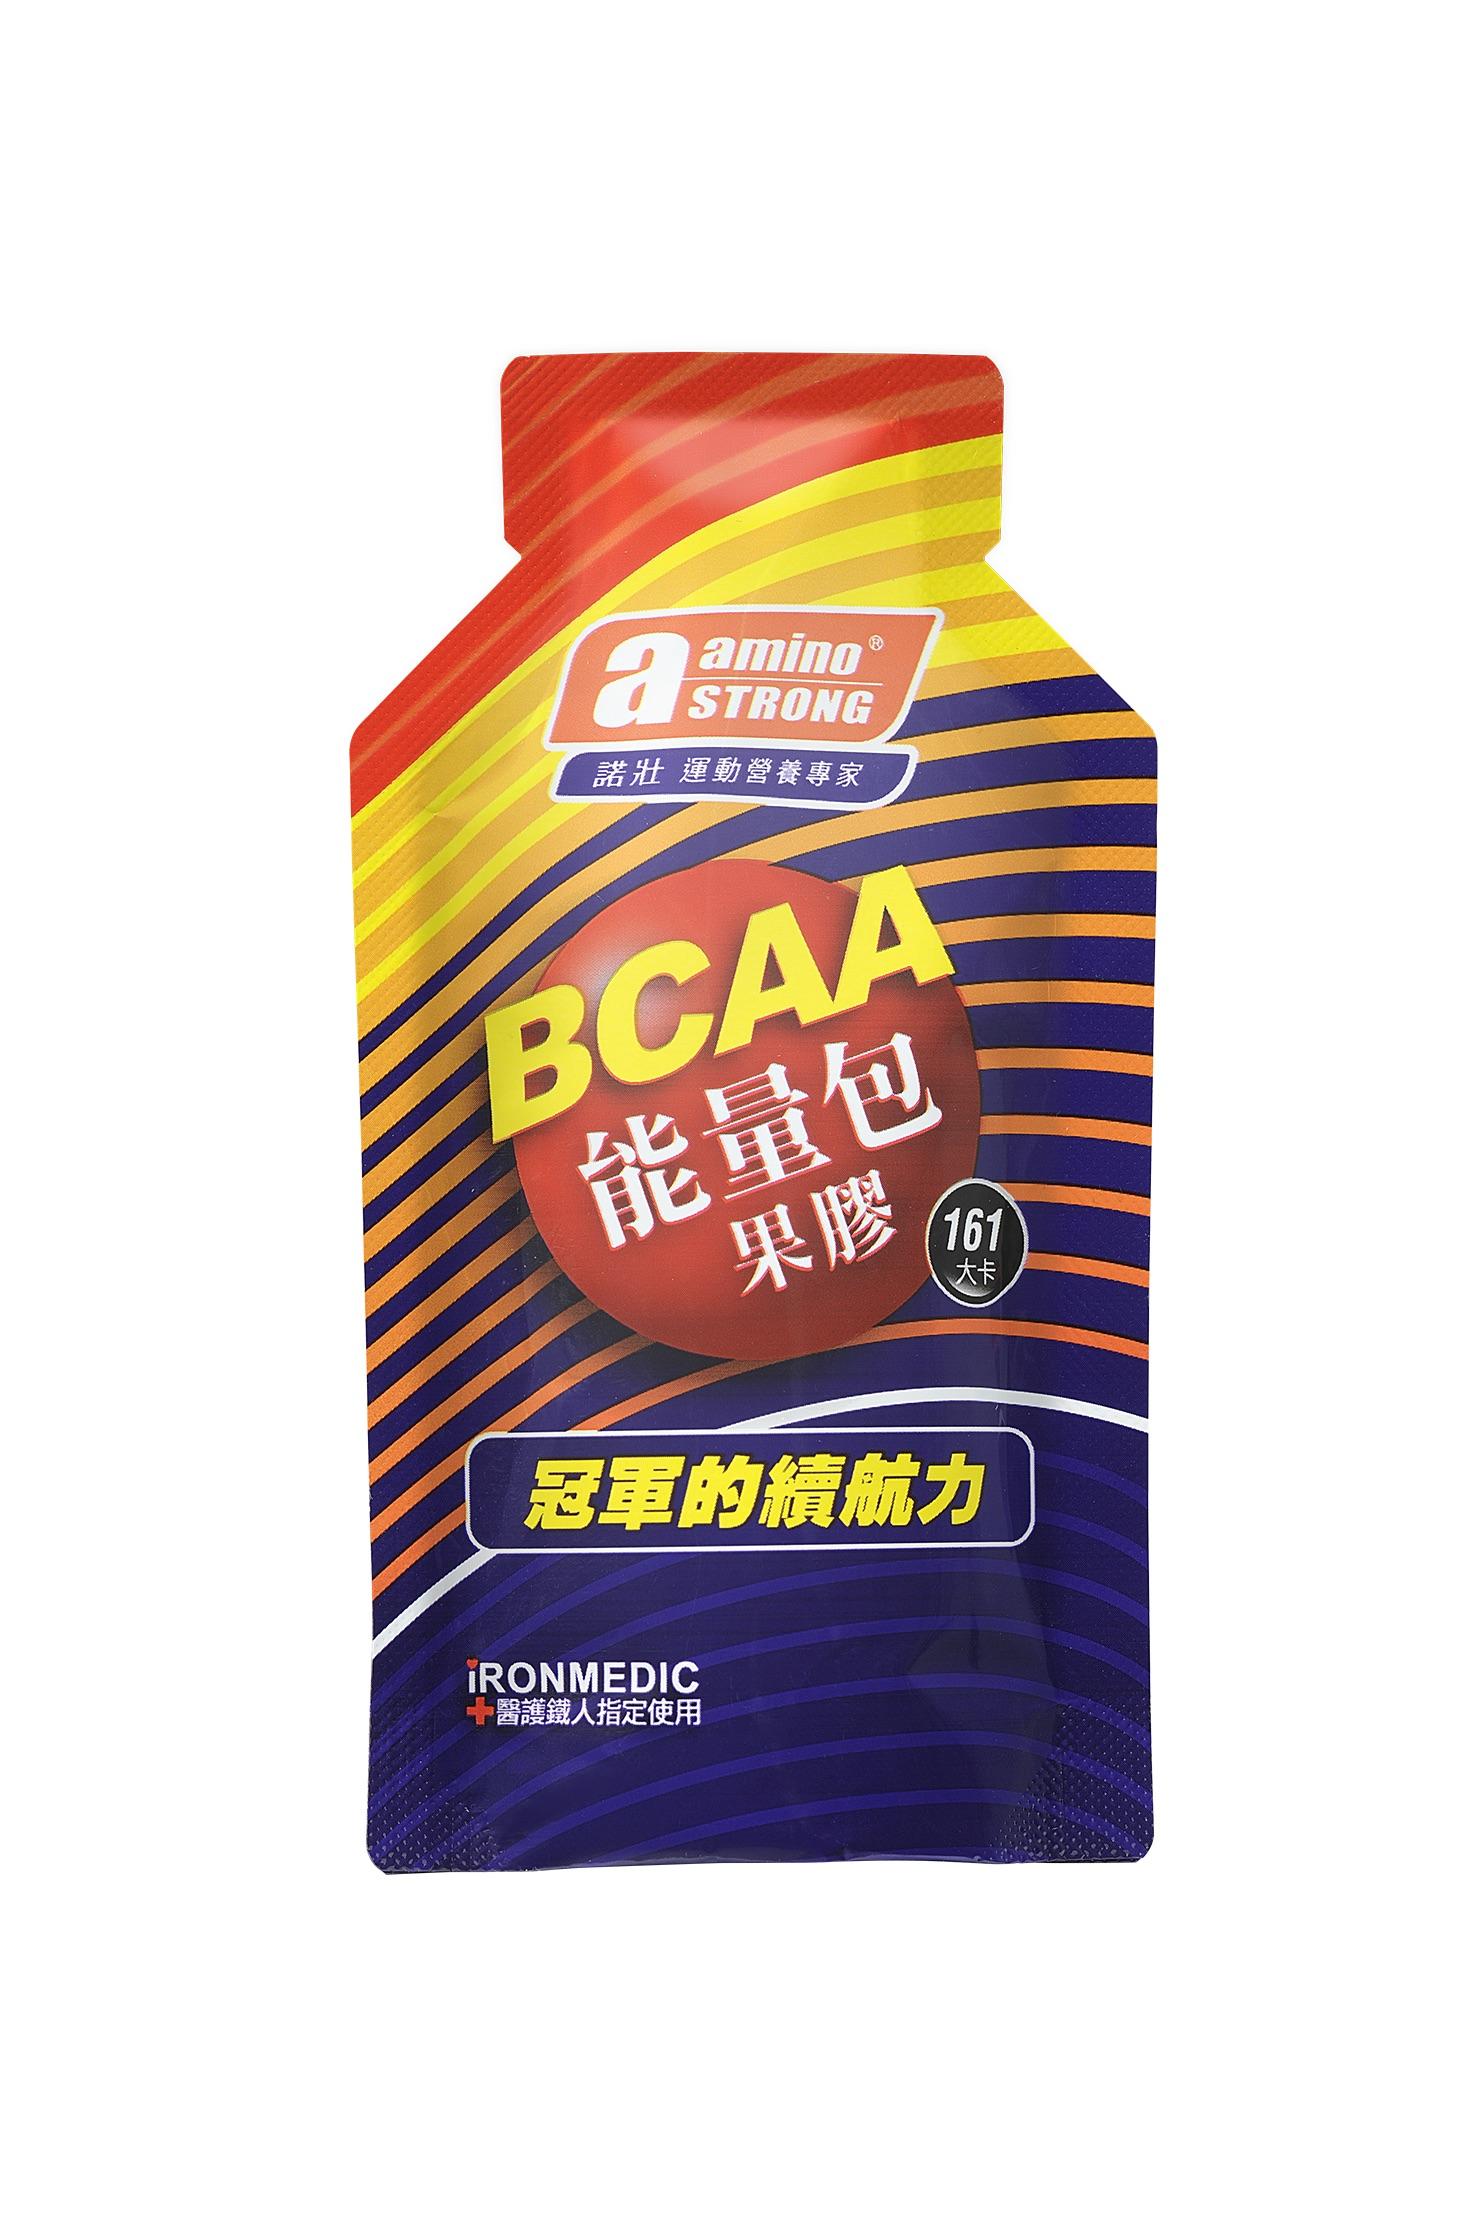 騎跑泳者-Amino Strong/諾壯/BCAA能量果膠/全素,葡萄風味/161大卡!2022/01/01